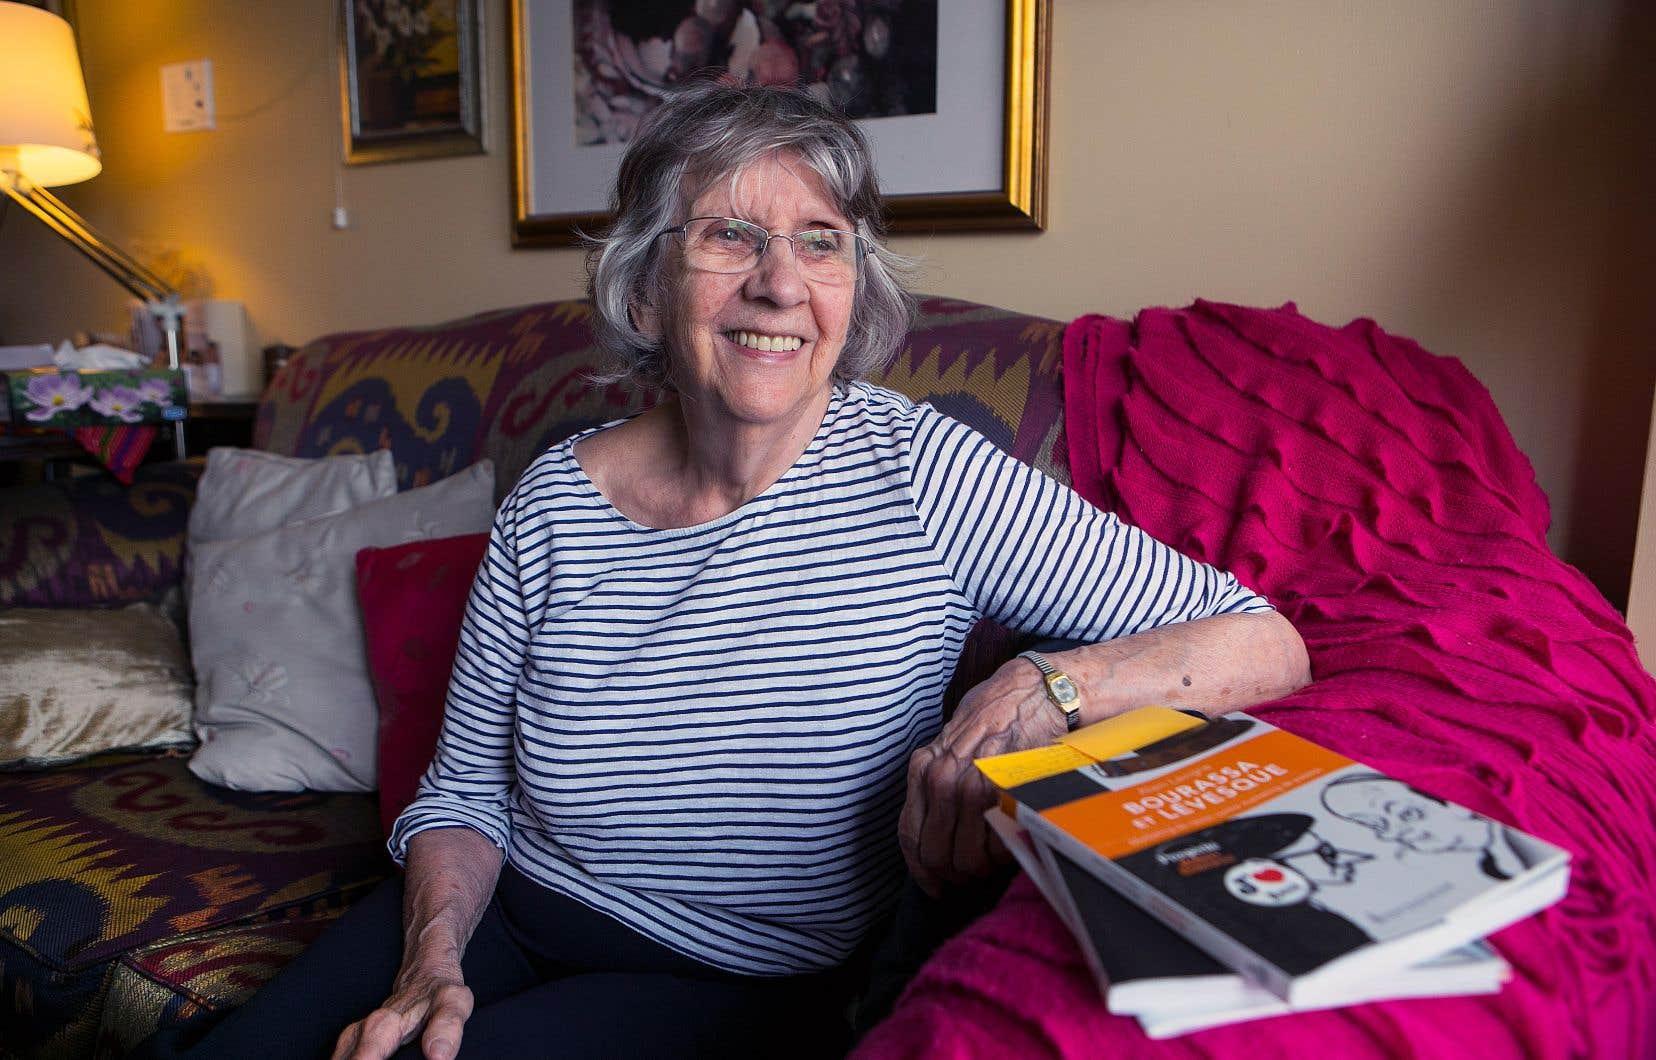 Aline Cloutier serait la toute première femme caricaturiste au Québec, selon l'historien de la bande dessinée Pierre Skilling.